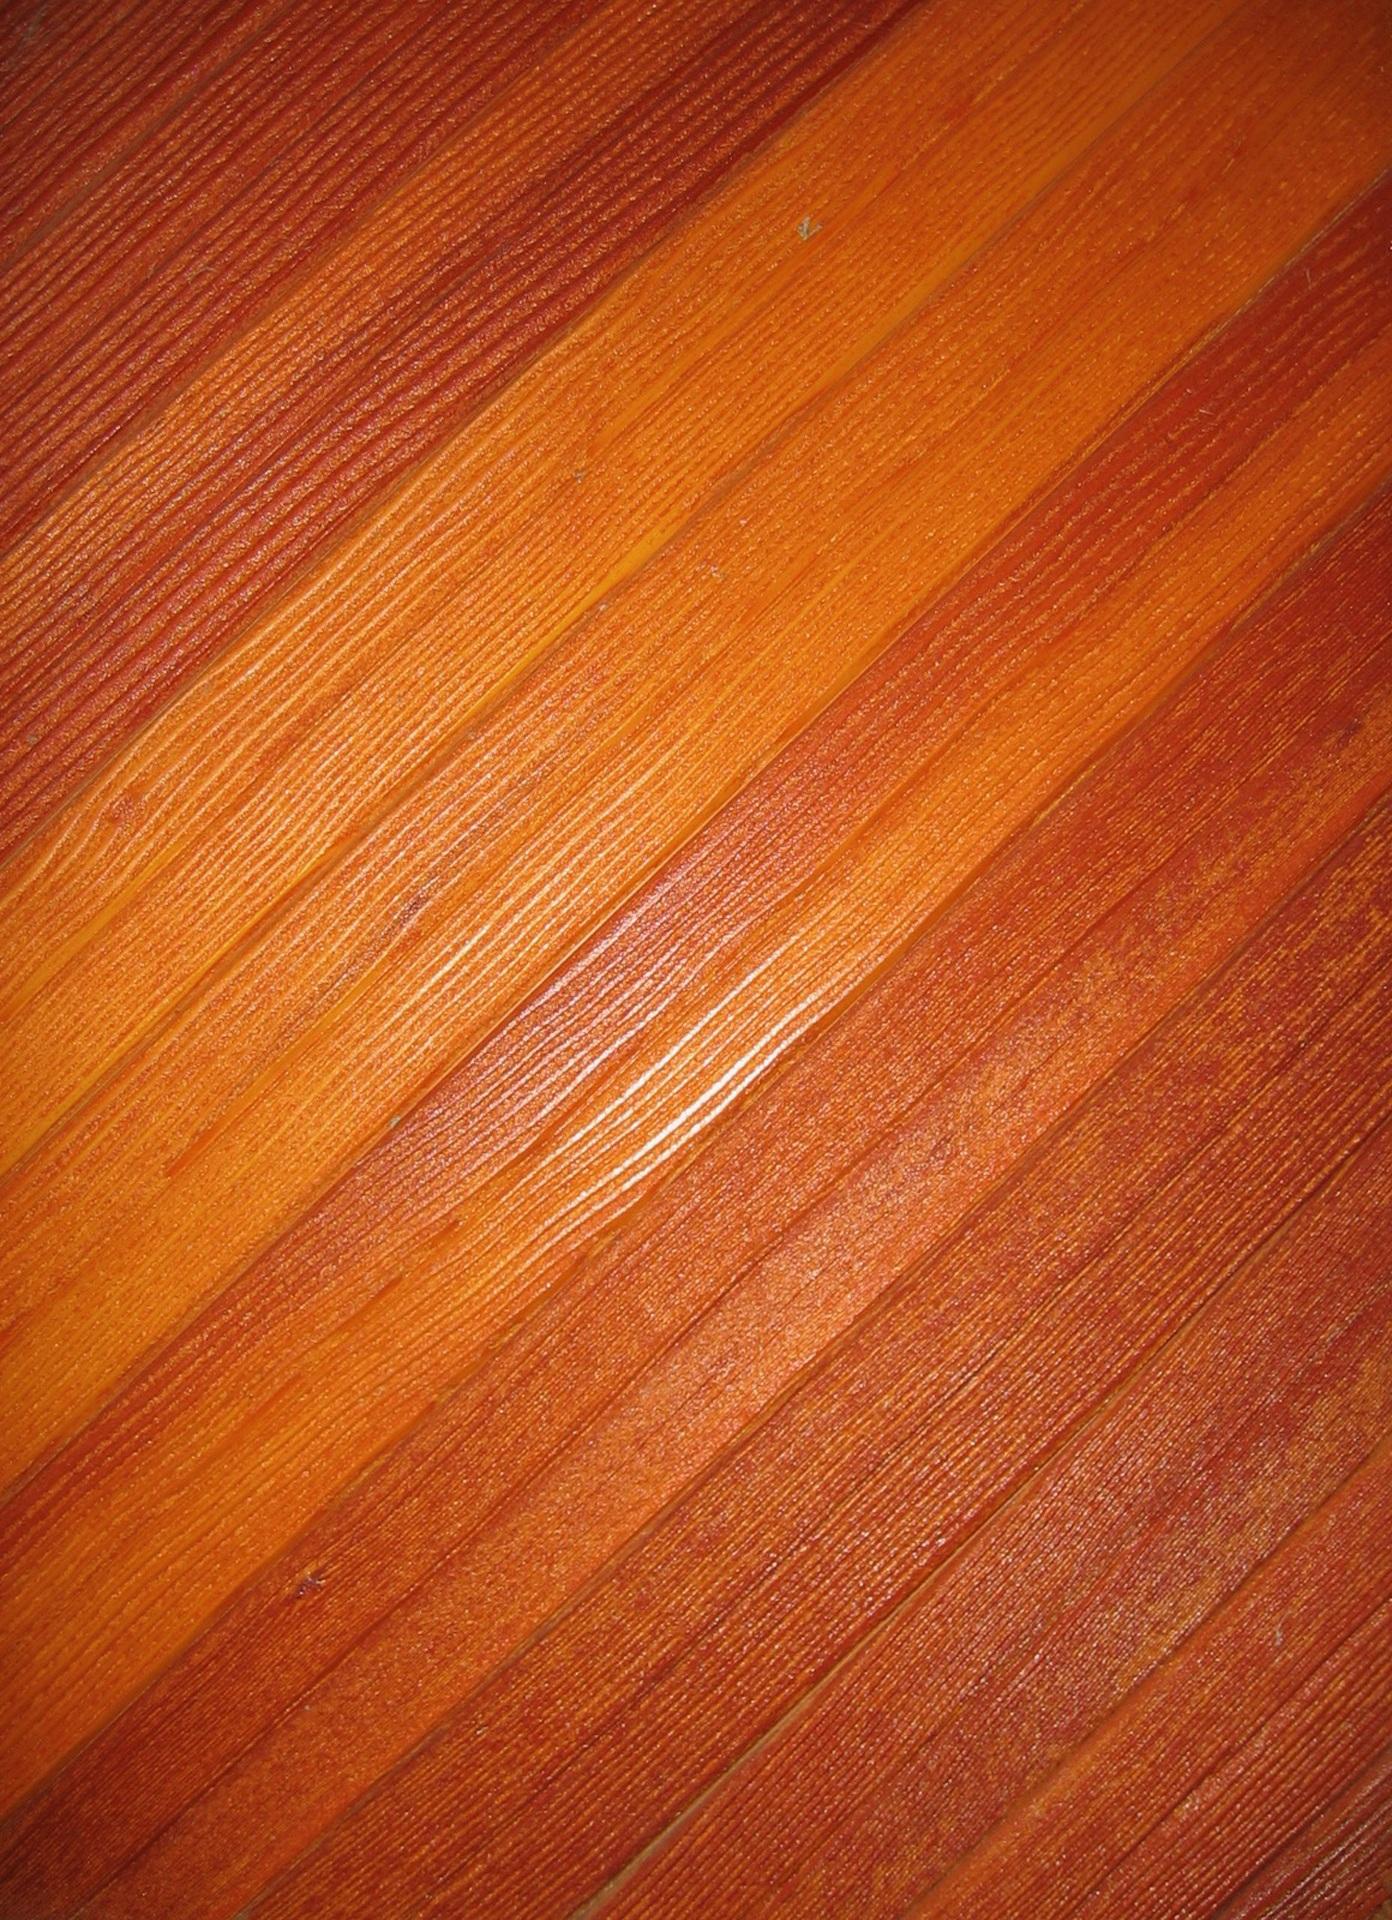 kostenlose foto holz textur stock muster braun holzmaserung hartholz bodenbelag. Black Bedroom Furniture Sets. Home Design Ideas